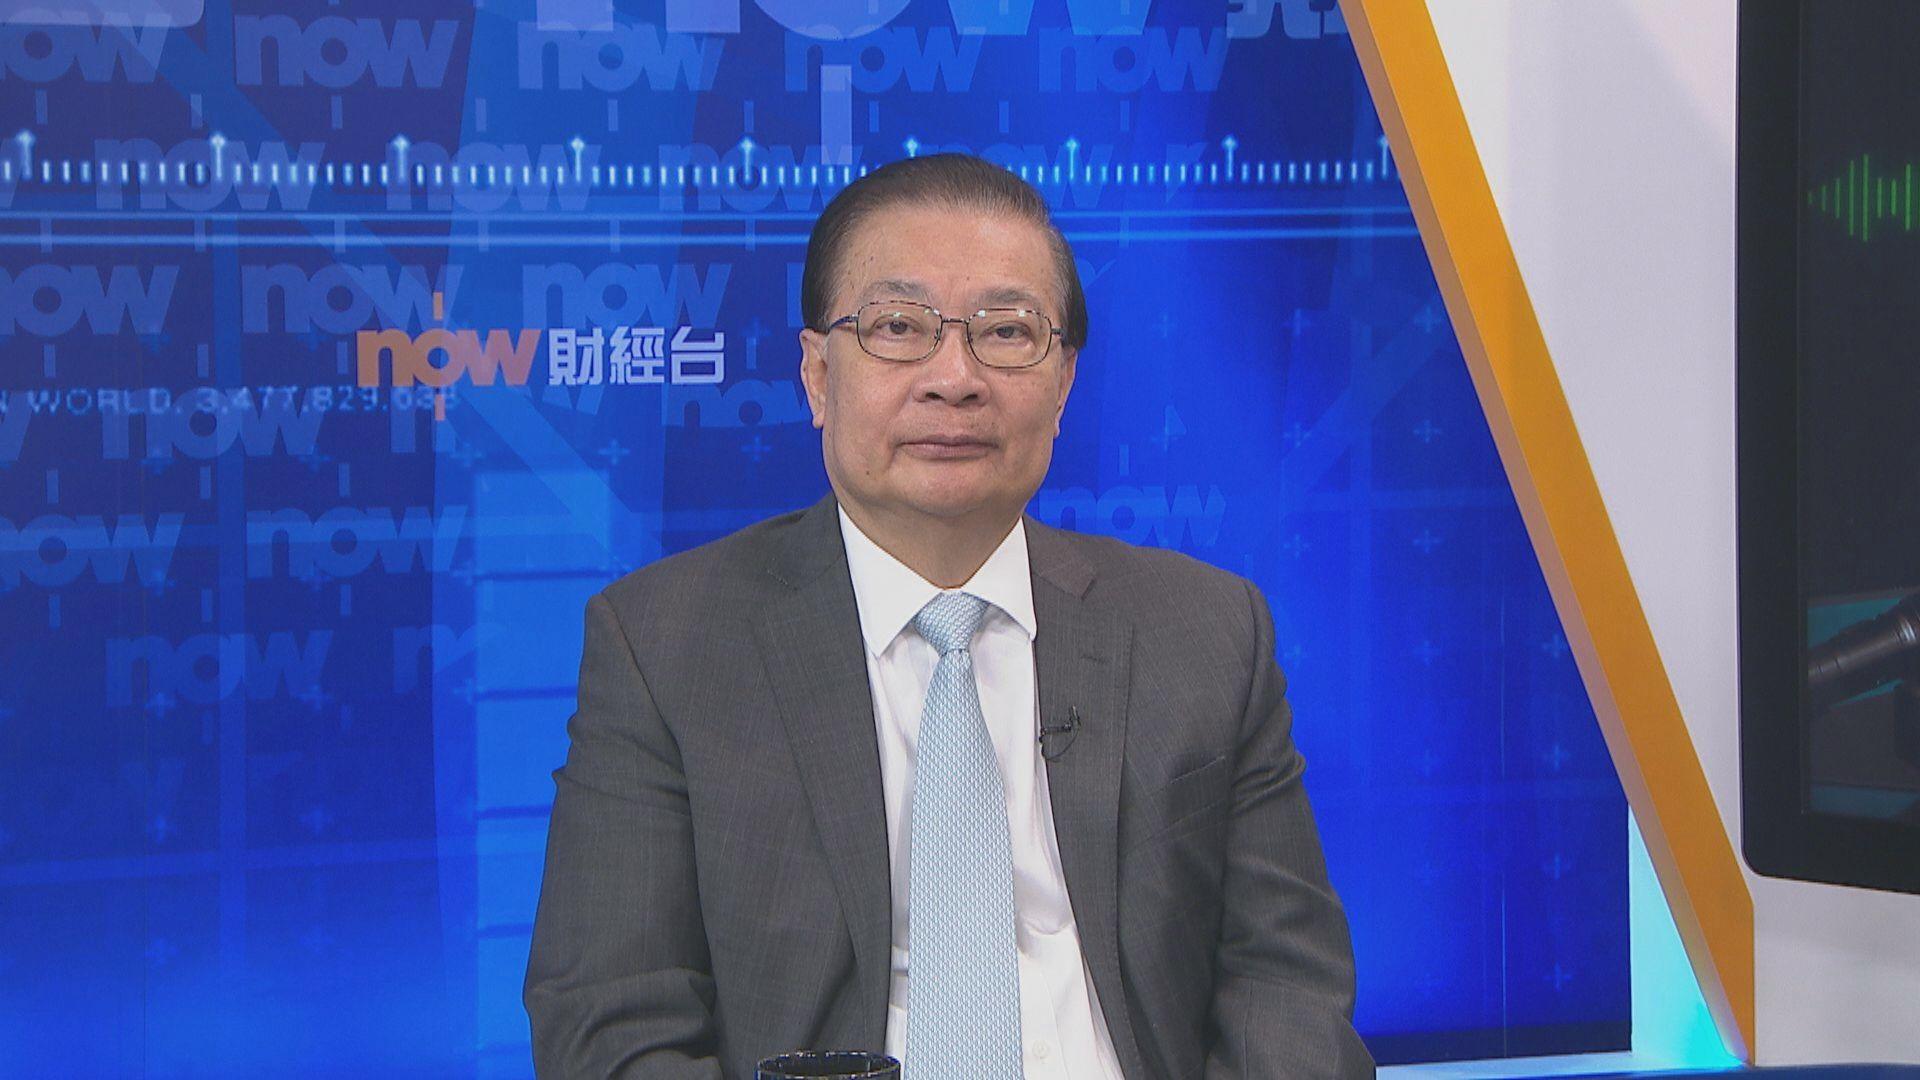 譚耀宗:人大常委會會議內容保密 不接受傳媒訪問